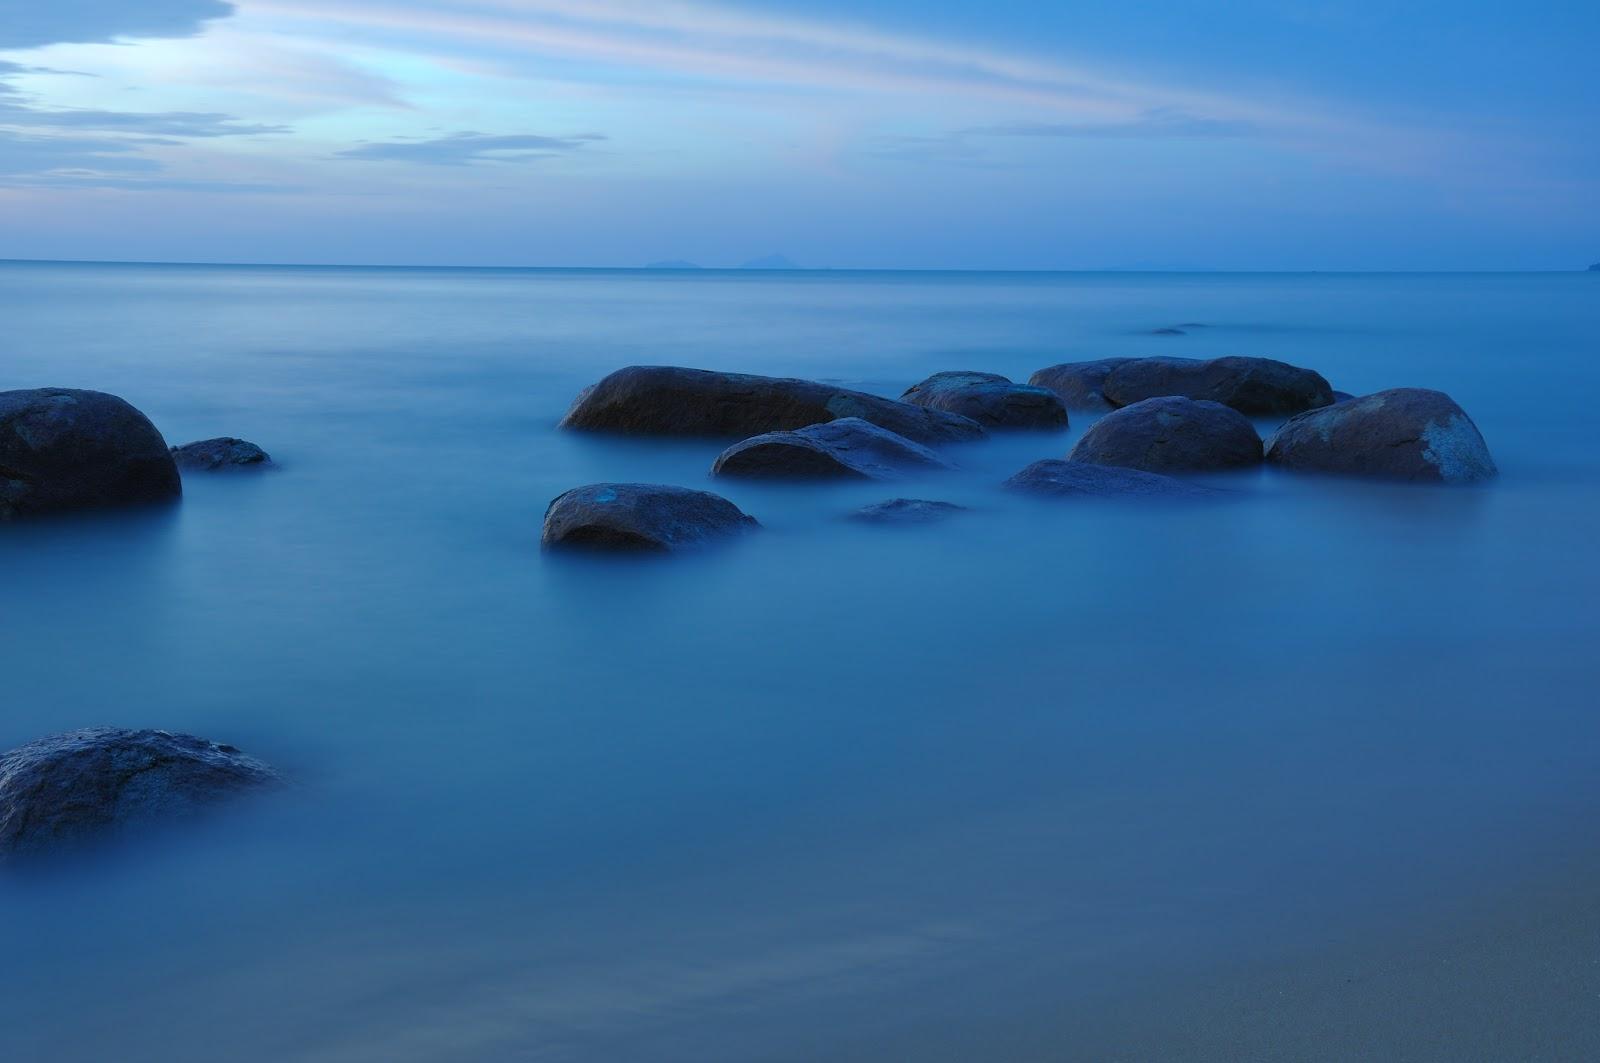 Akhbar Al Fattah Pantai Kura Singkawang Kalimantan Barat Kota